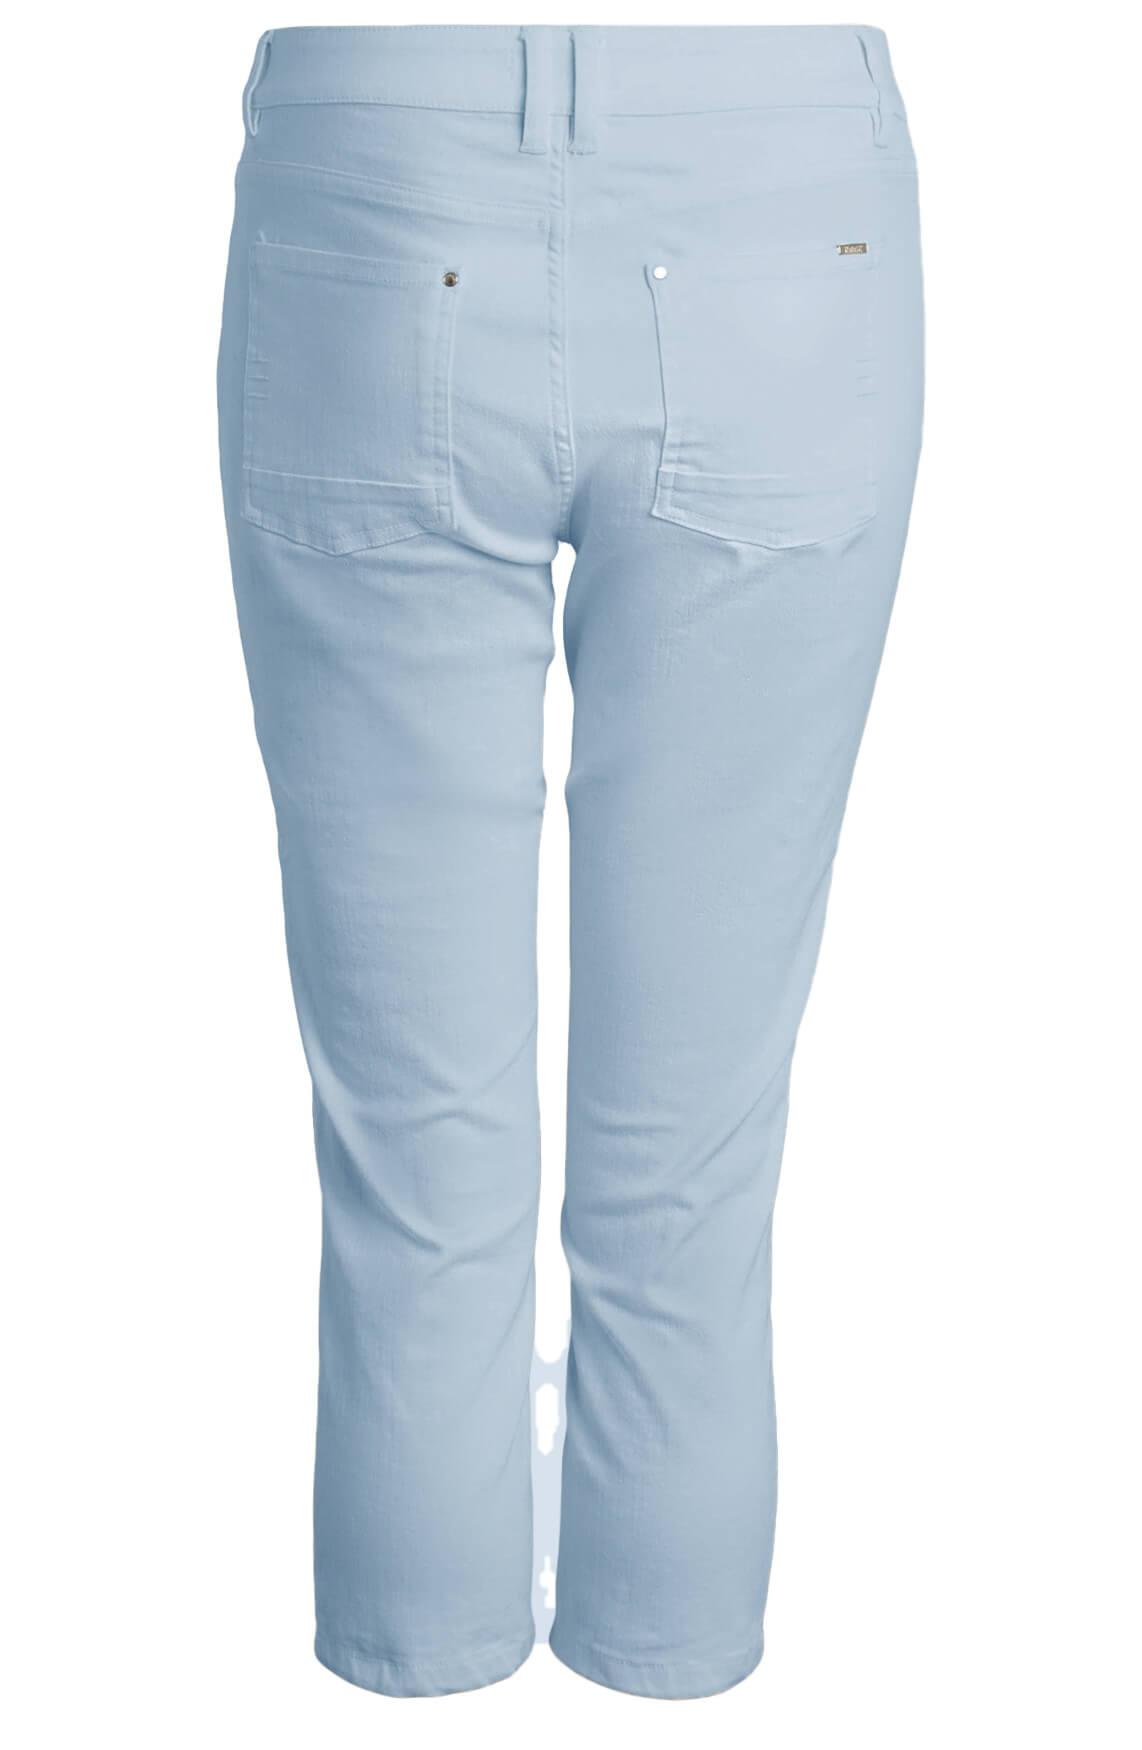 Anna Dames Capri broek Blauw